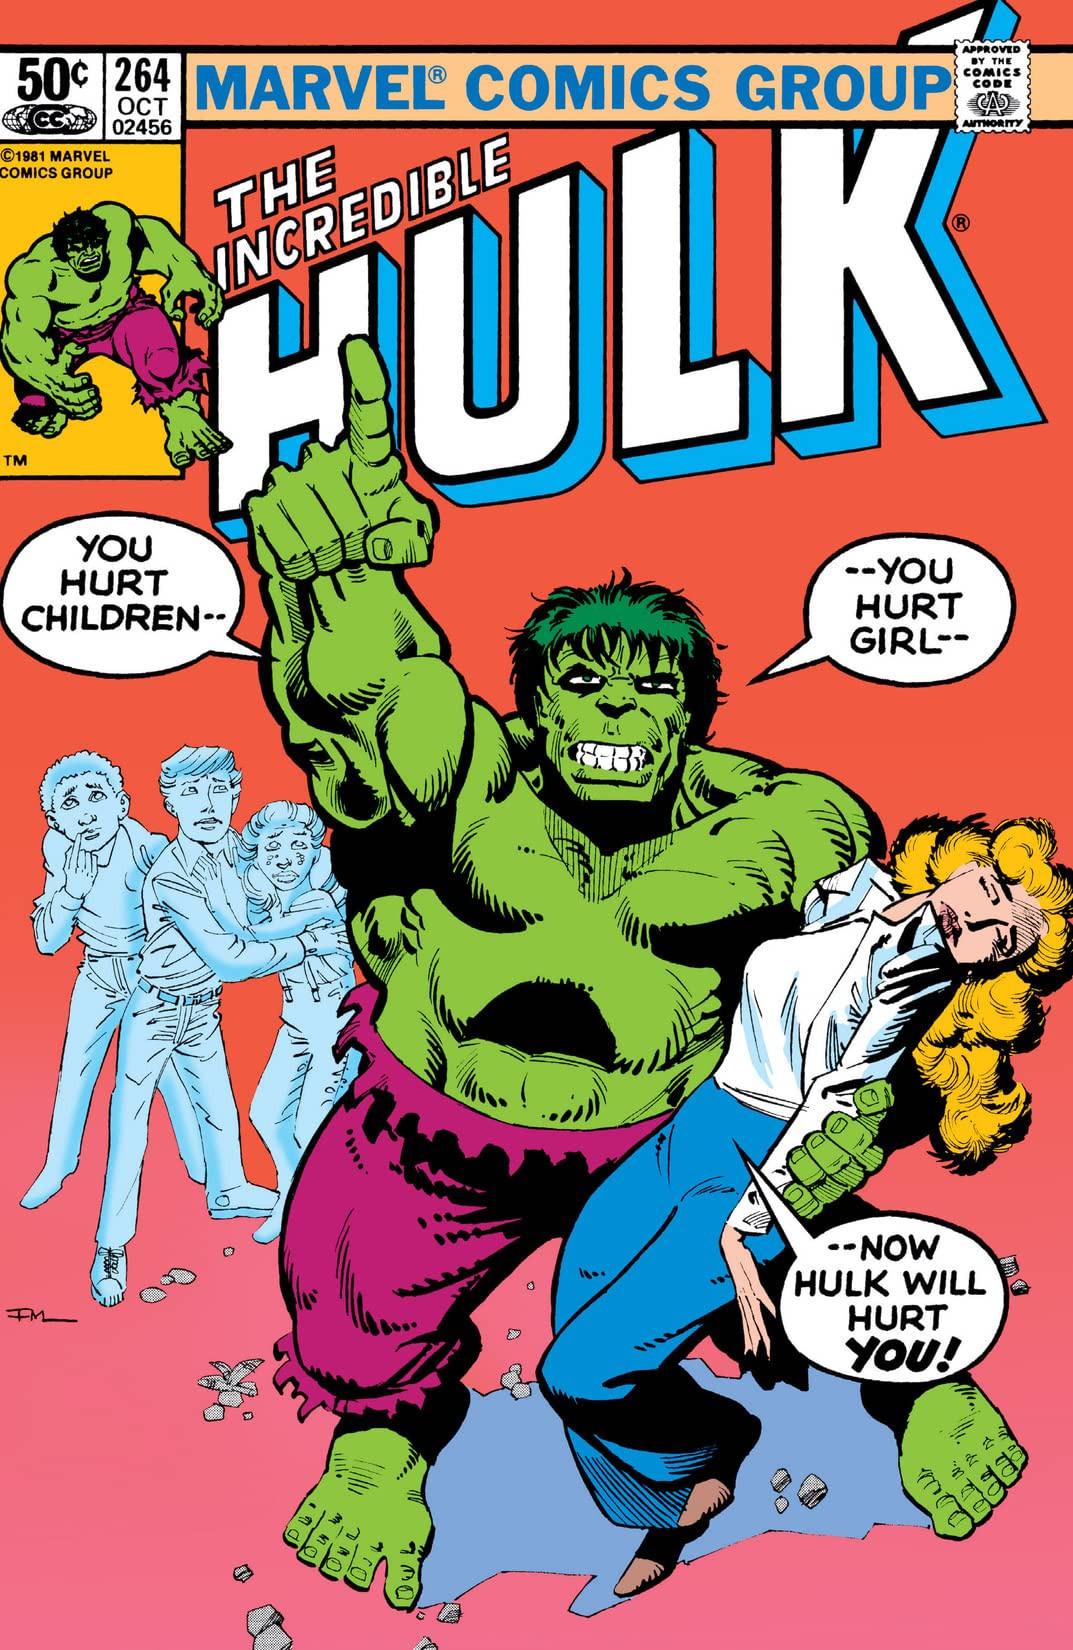 Incredible Hulk Vol 1 264